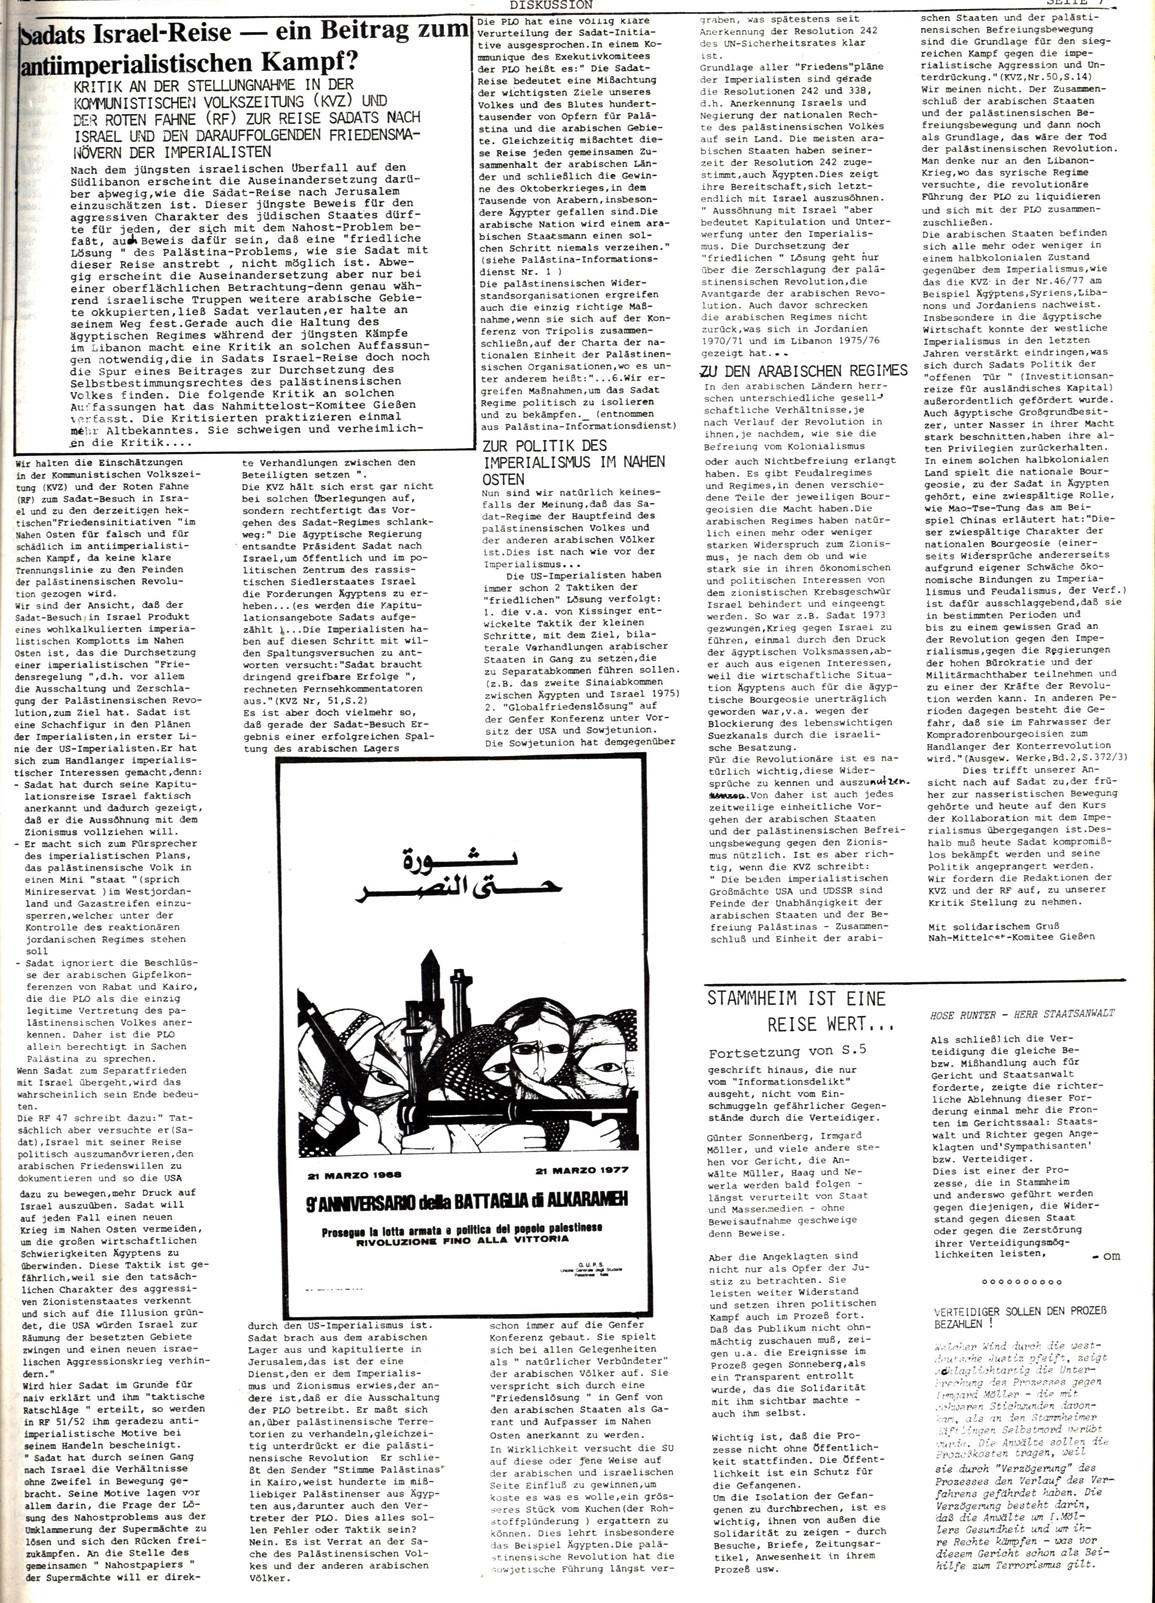 Bonner_Volksblatt_11_19780330_07